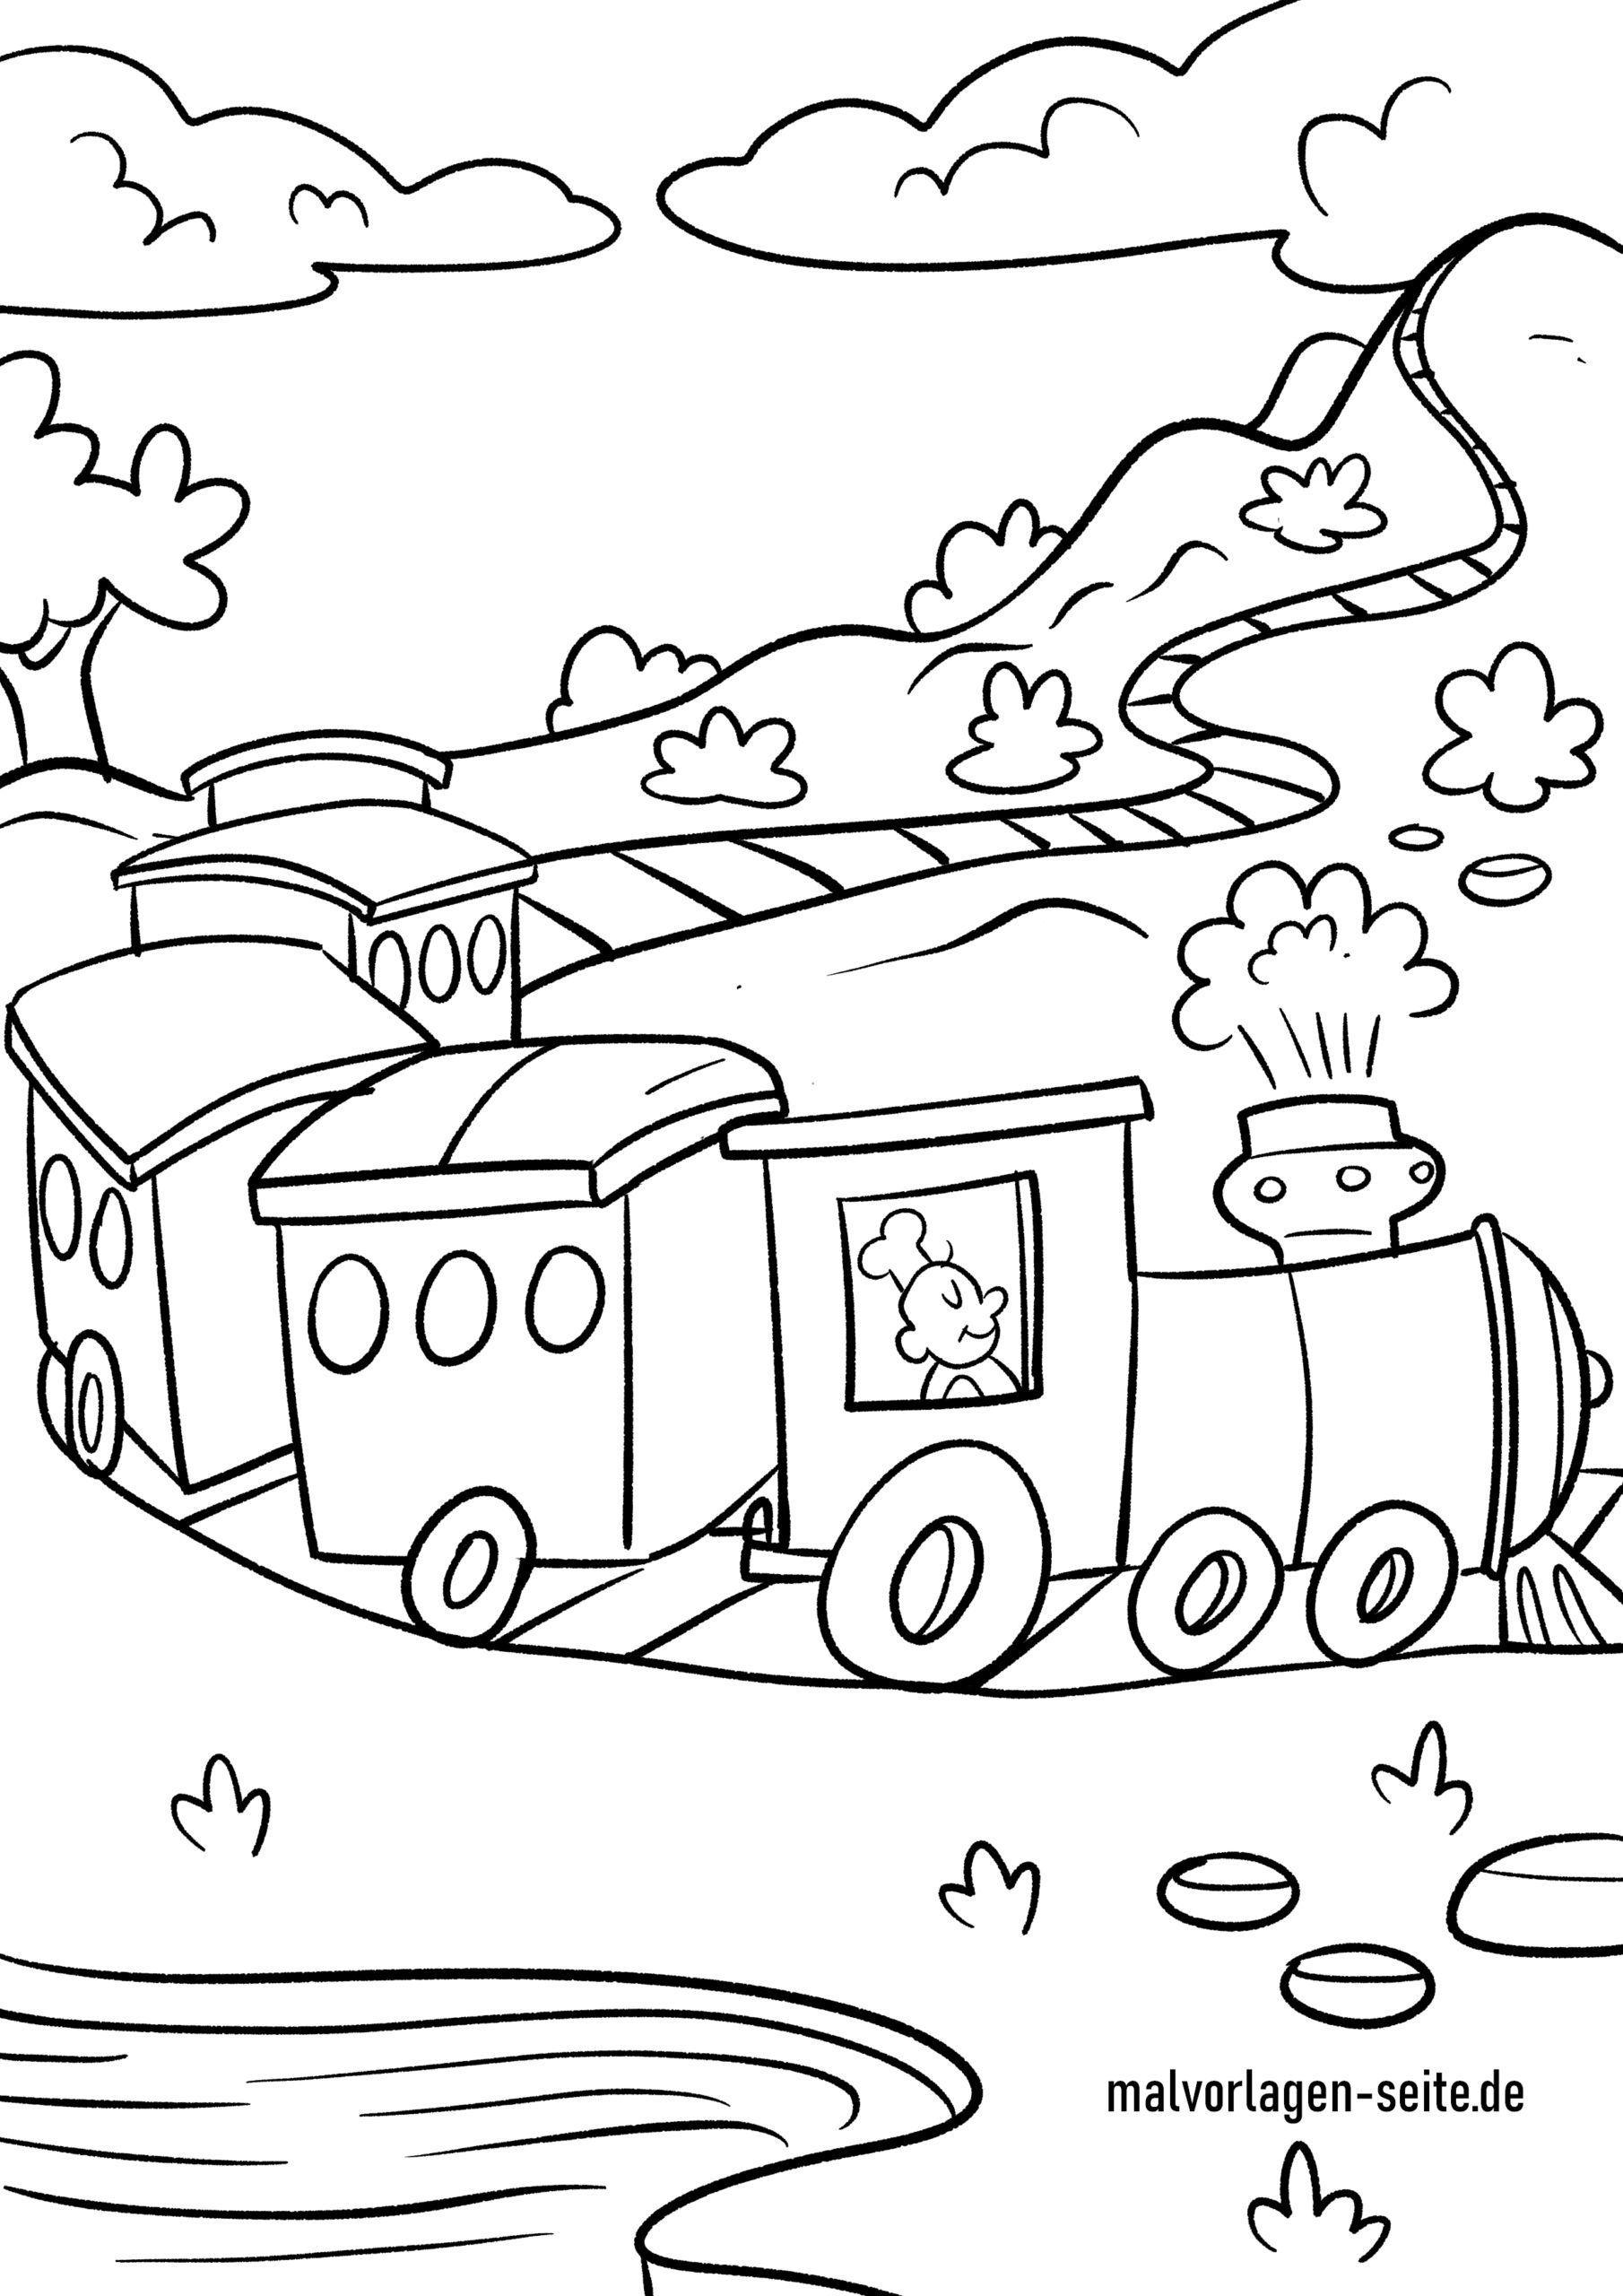 Ten Besser Eisenbahn Malvorlage Auffassung 2020 Malvorlagen Vorlagen Malvorlagen Gratis